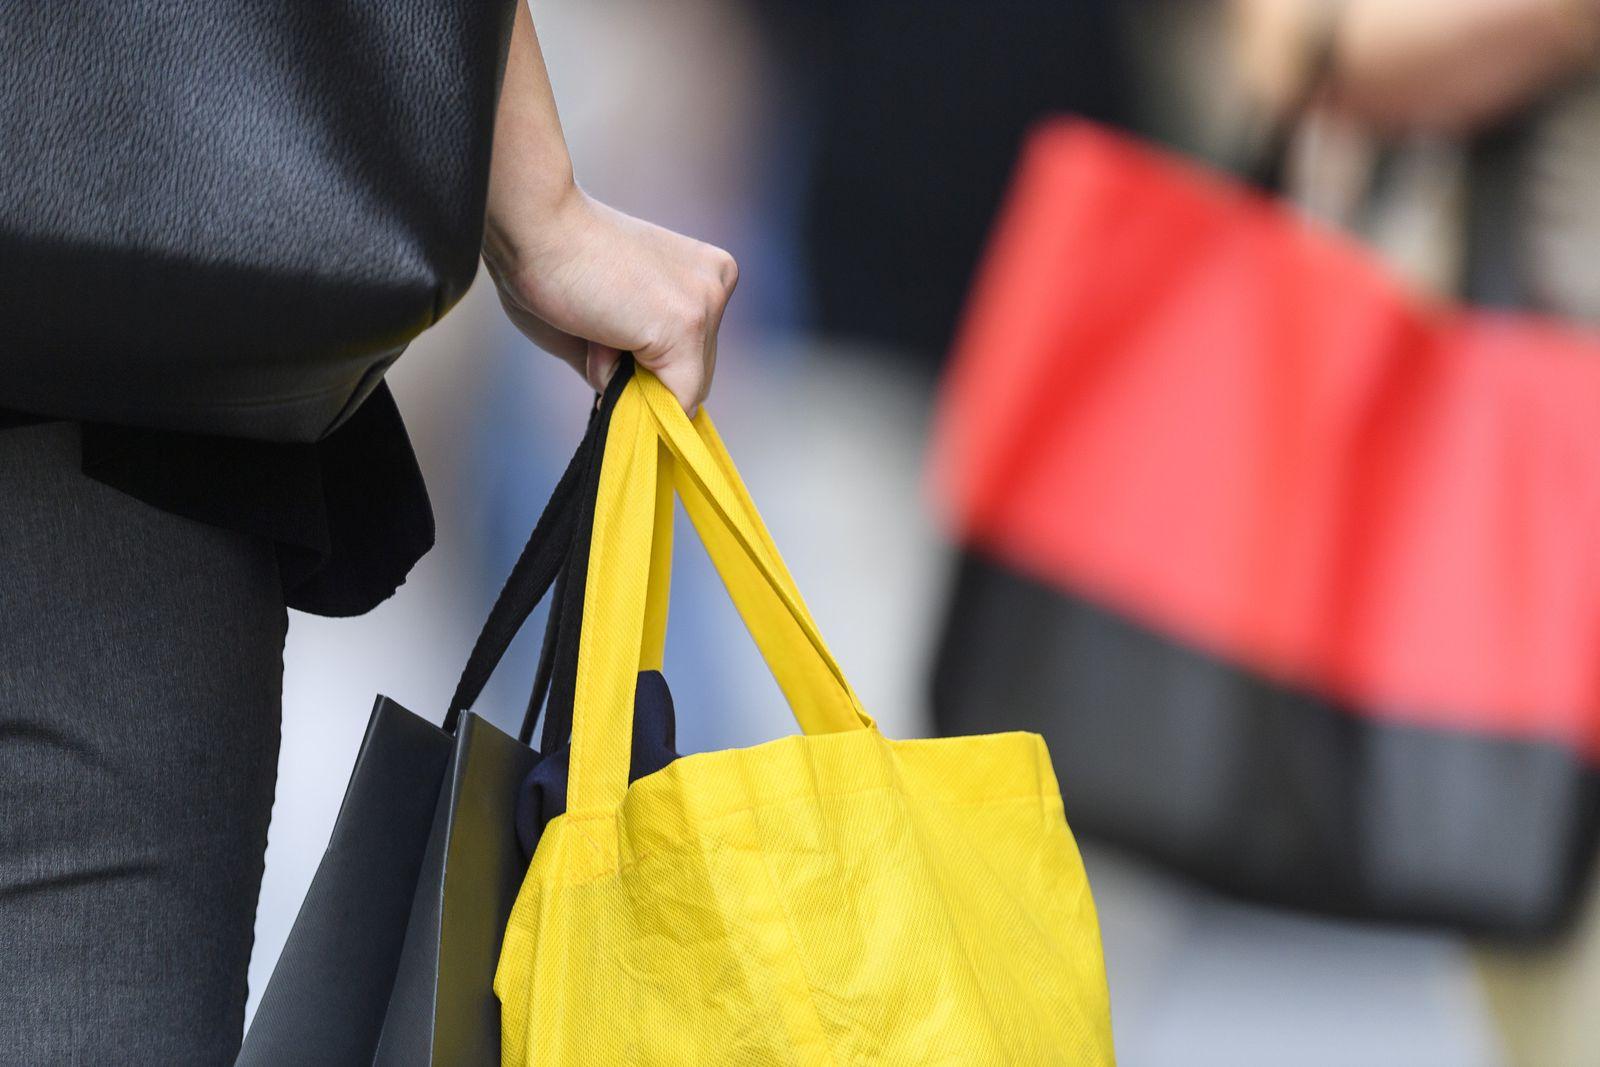 Konsum Einkaufstüten